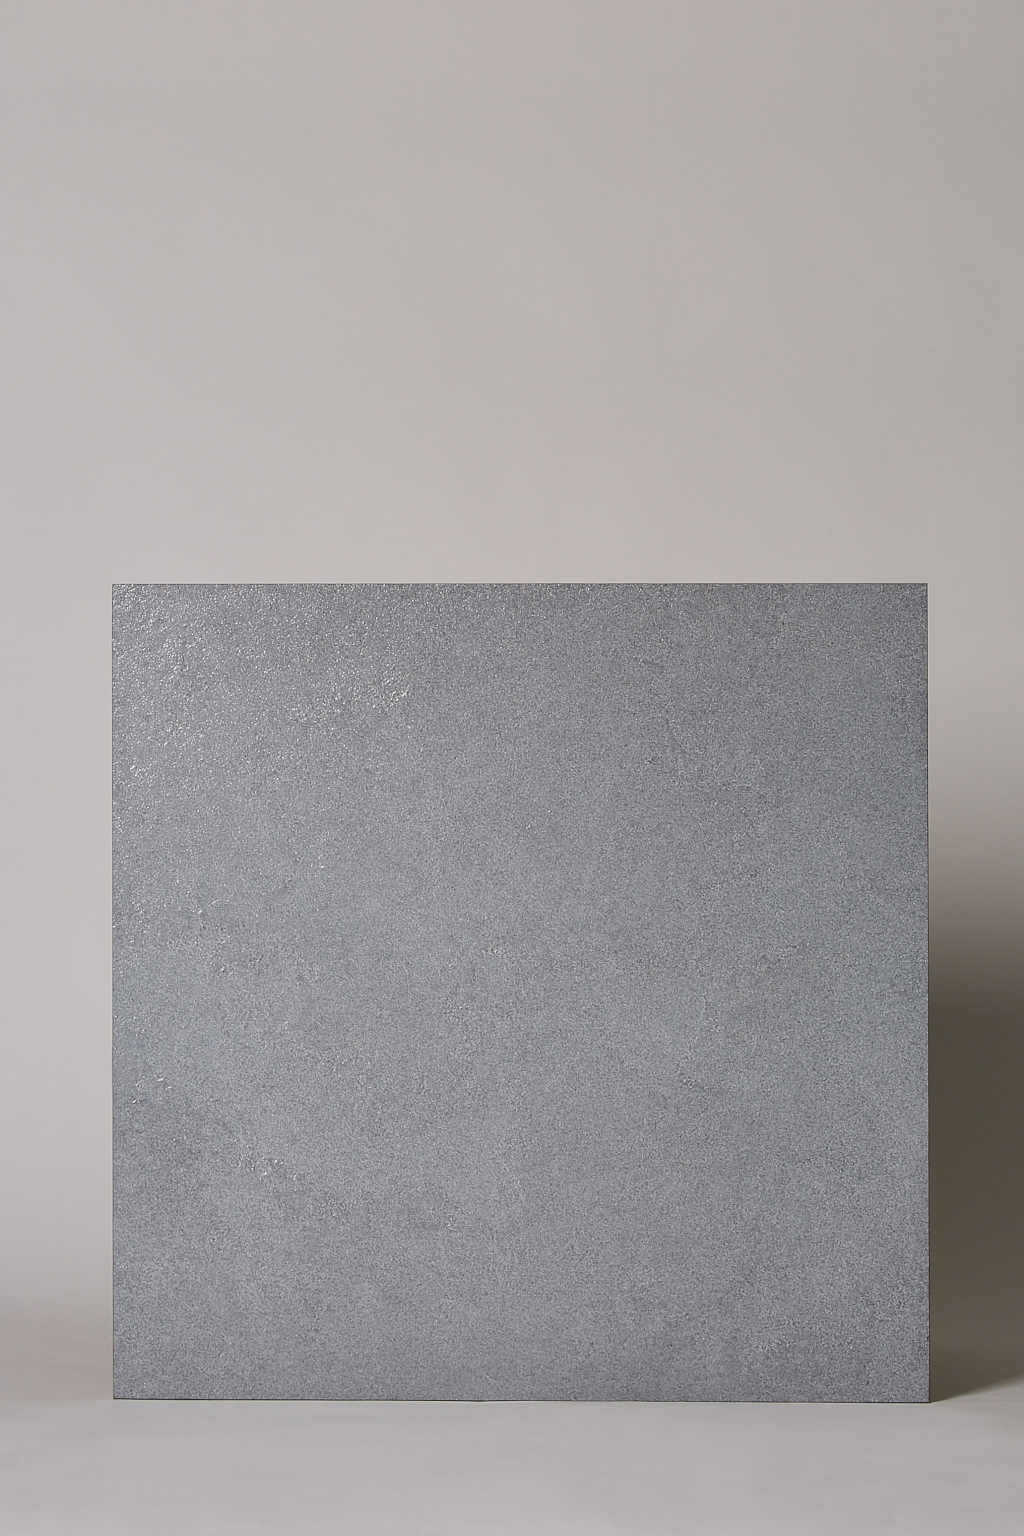 Płytka gresowa, włoska, rektyfikowana, mrozoodporna, matowa, rozmiar 60x60cm, łazienka, salon, kuchnia, podłoga, ściana - LA FABBRICA Pietra Lavica danae